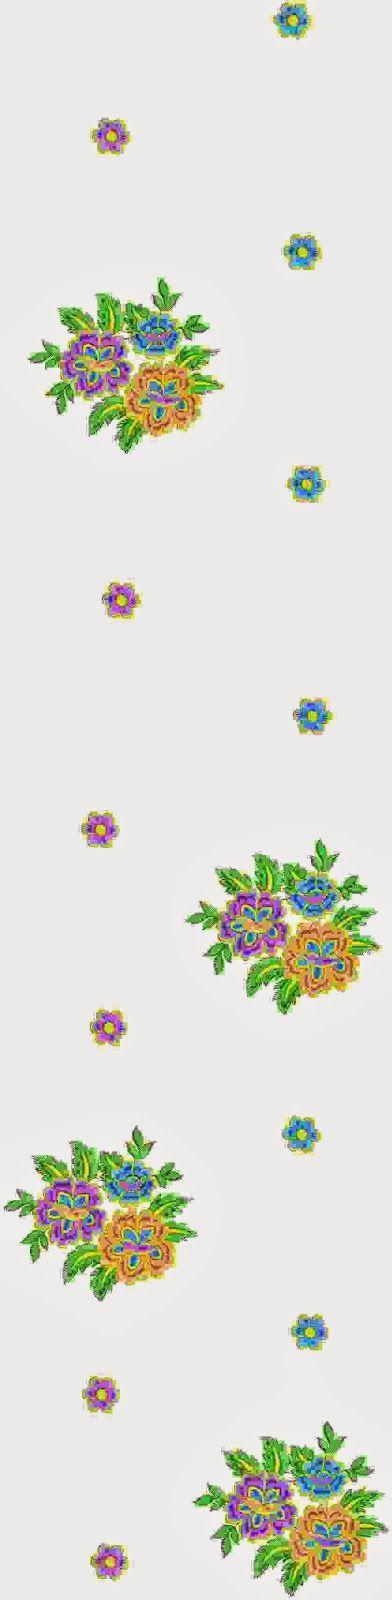 kleurvolle Gota-Patti ontwerp multi Sari